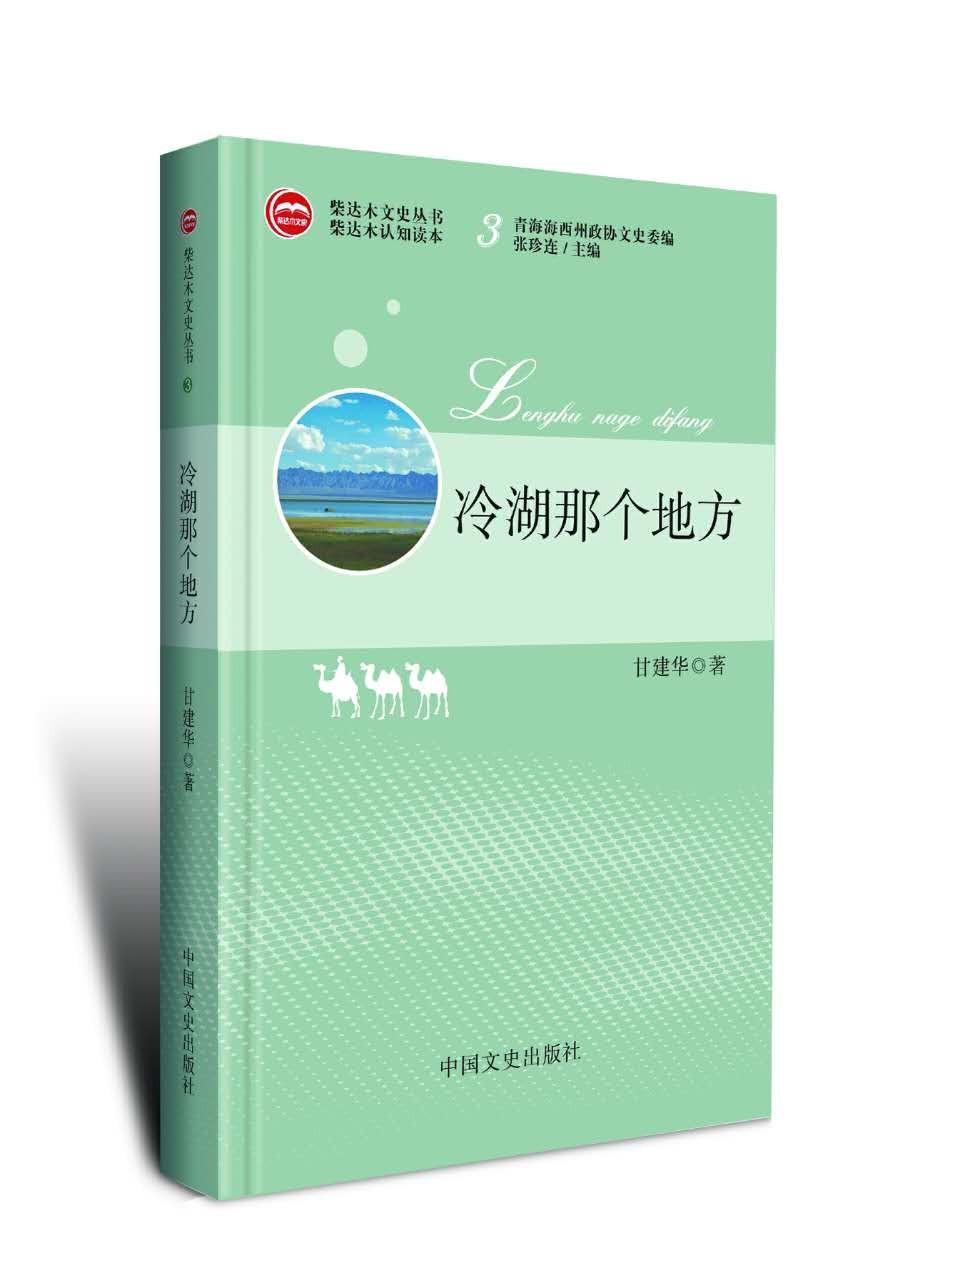 """湖南作家甘建华获首届""""丝路散文奖"""" 新湖南www.hunanabc.com"""